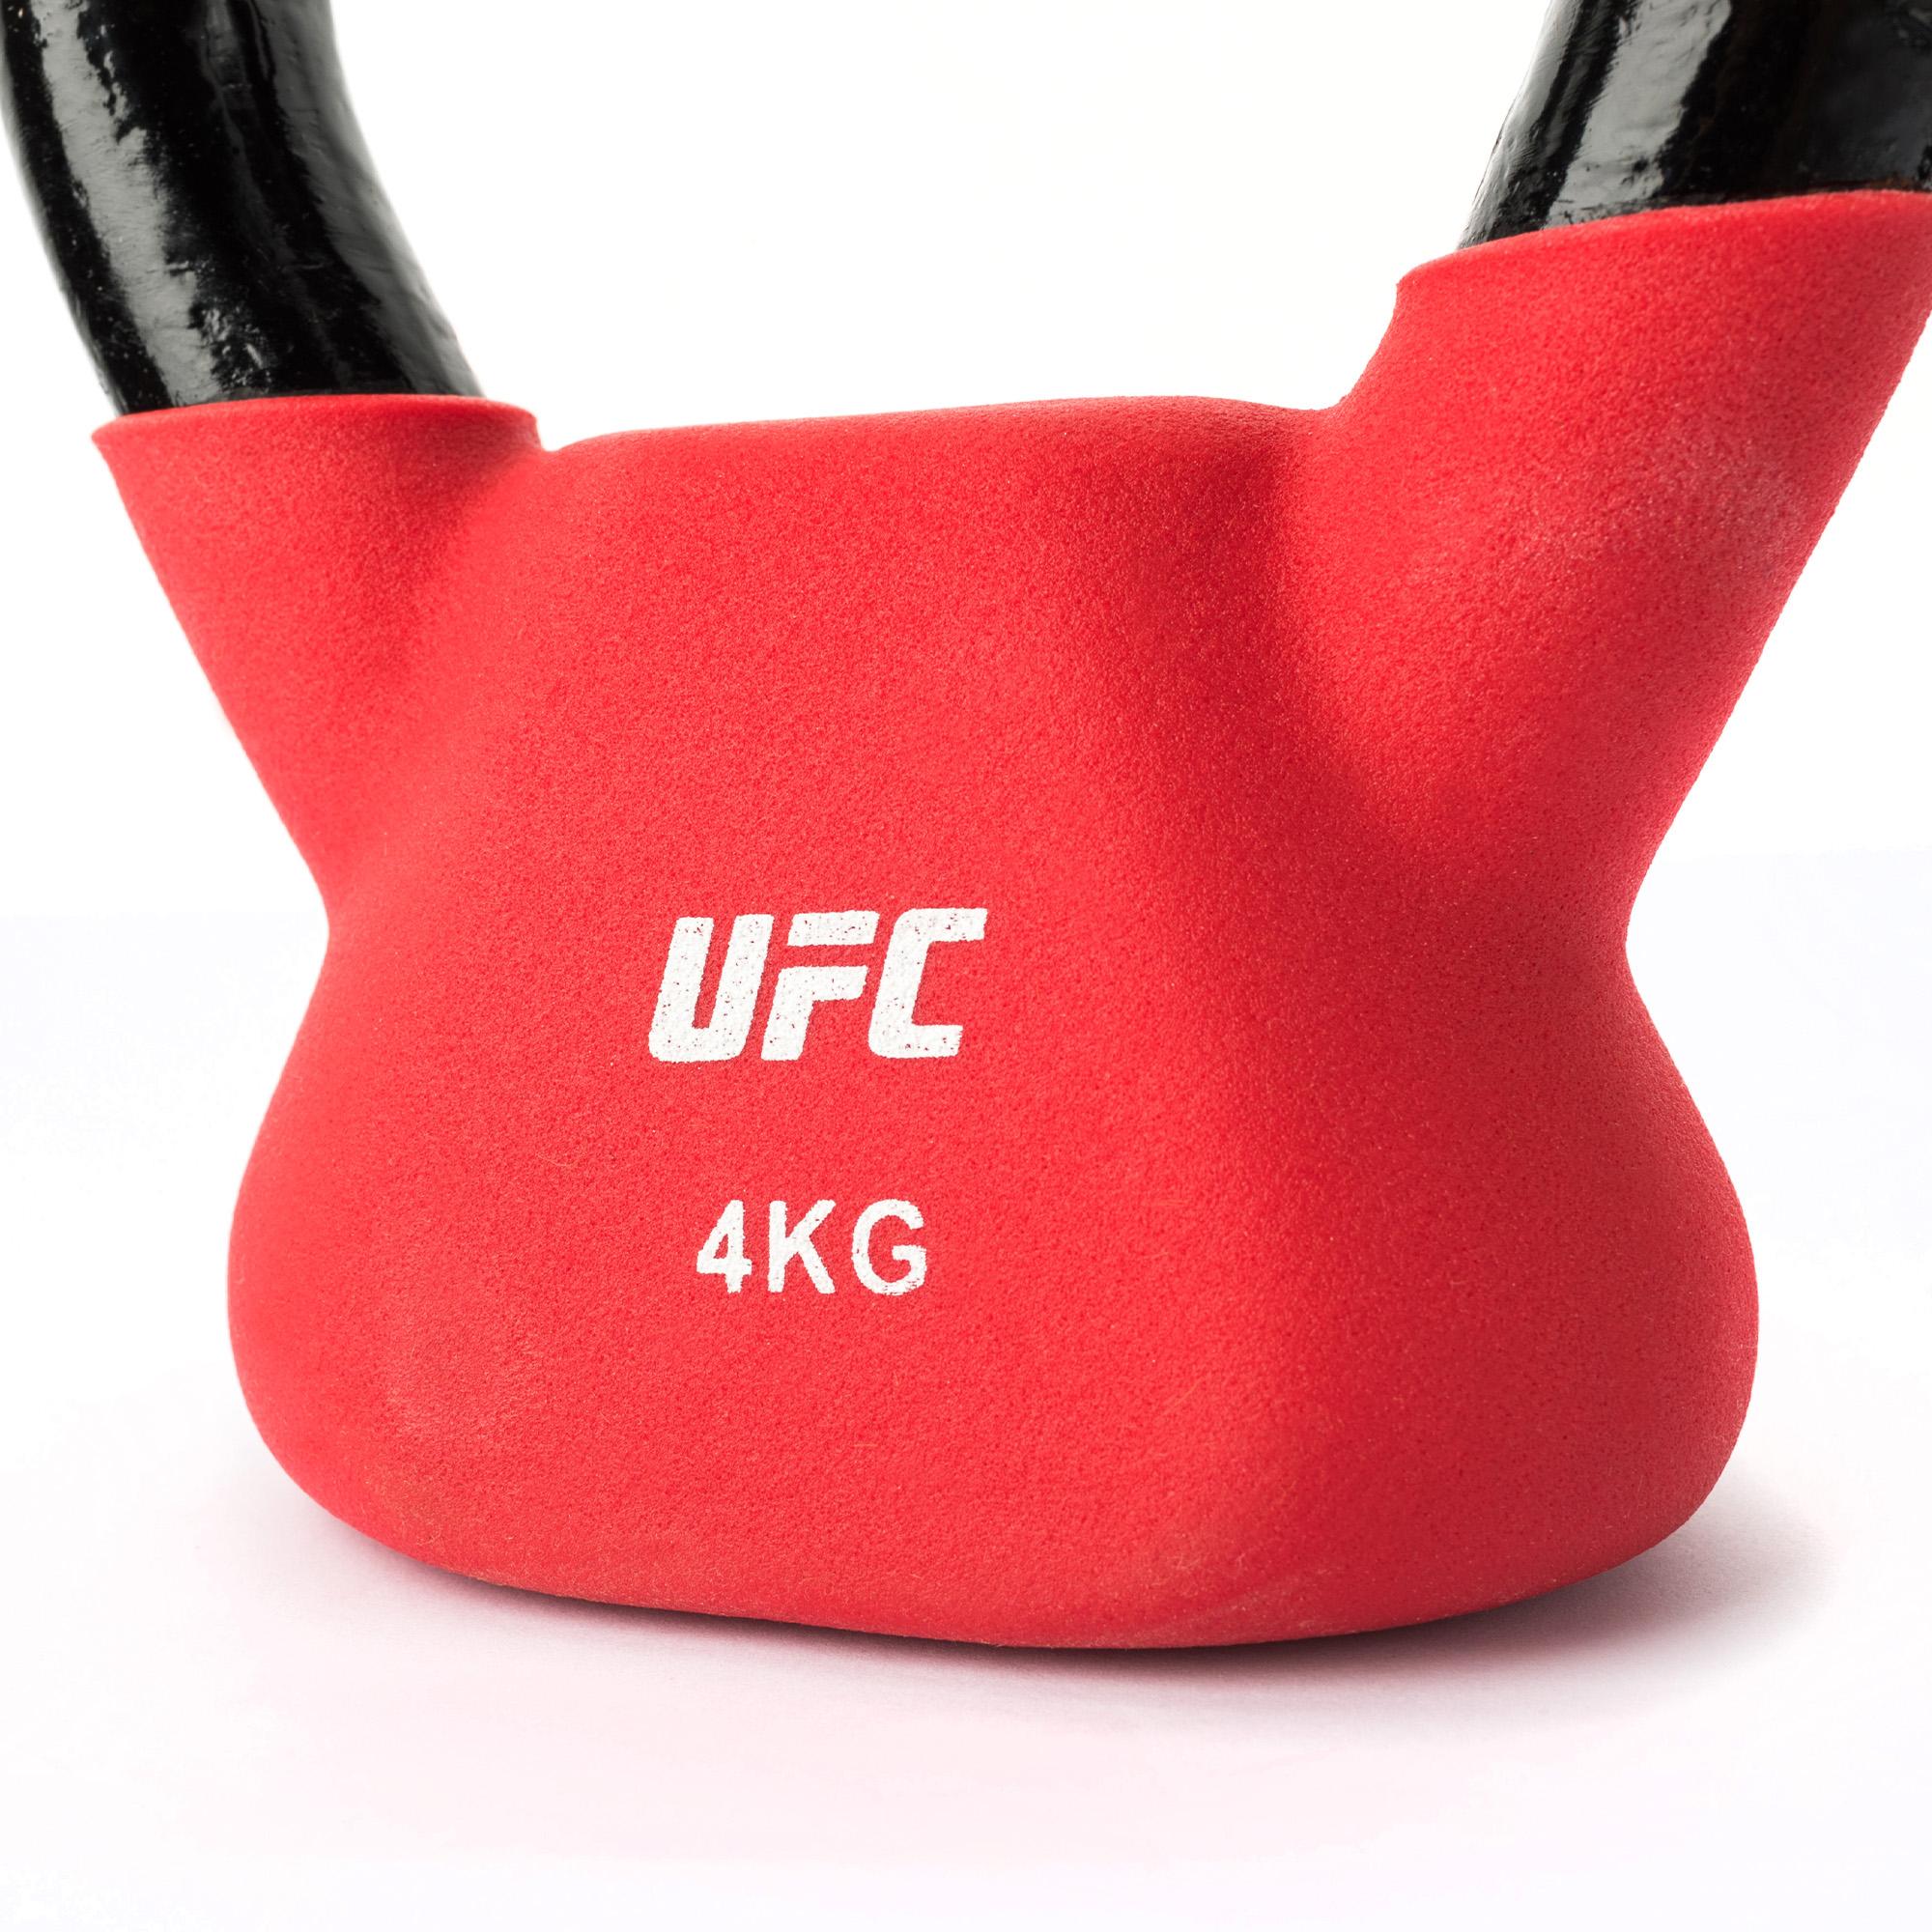 UFCFITNESS KETTLEBELL-3.jpg